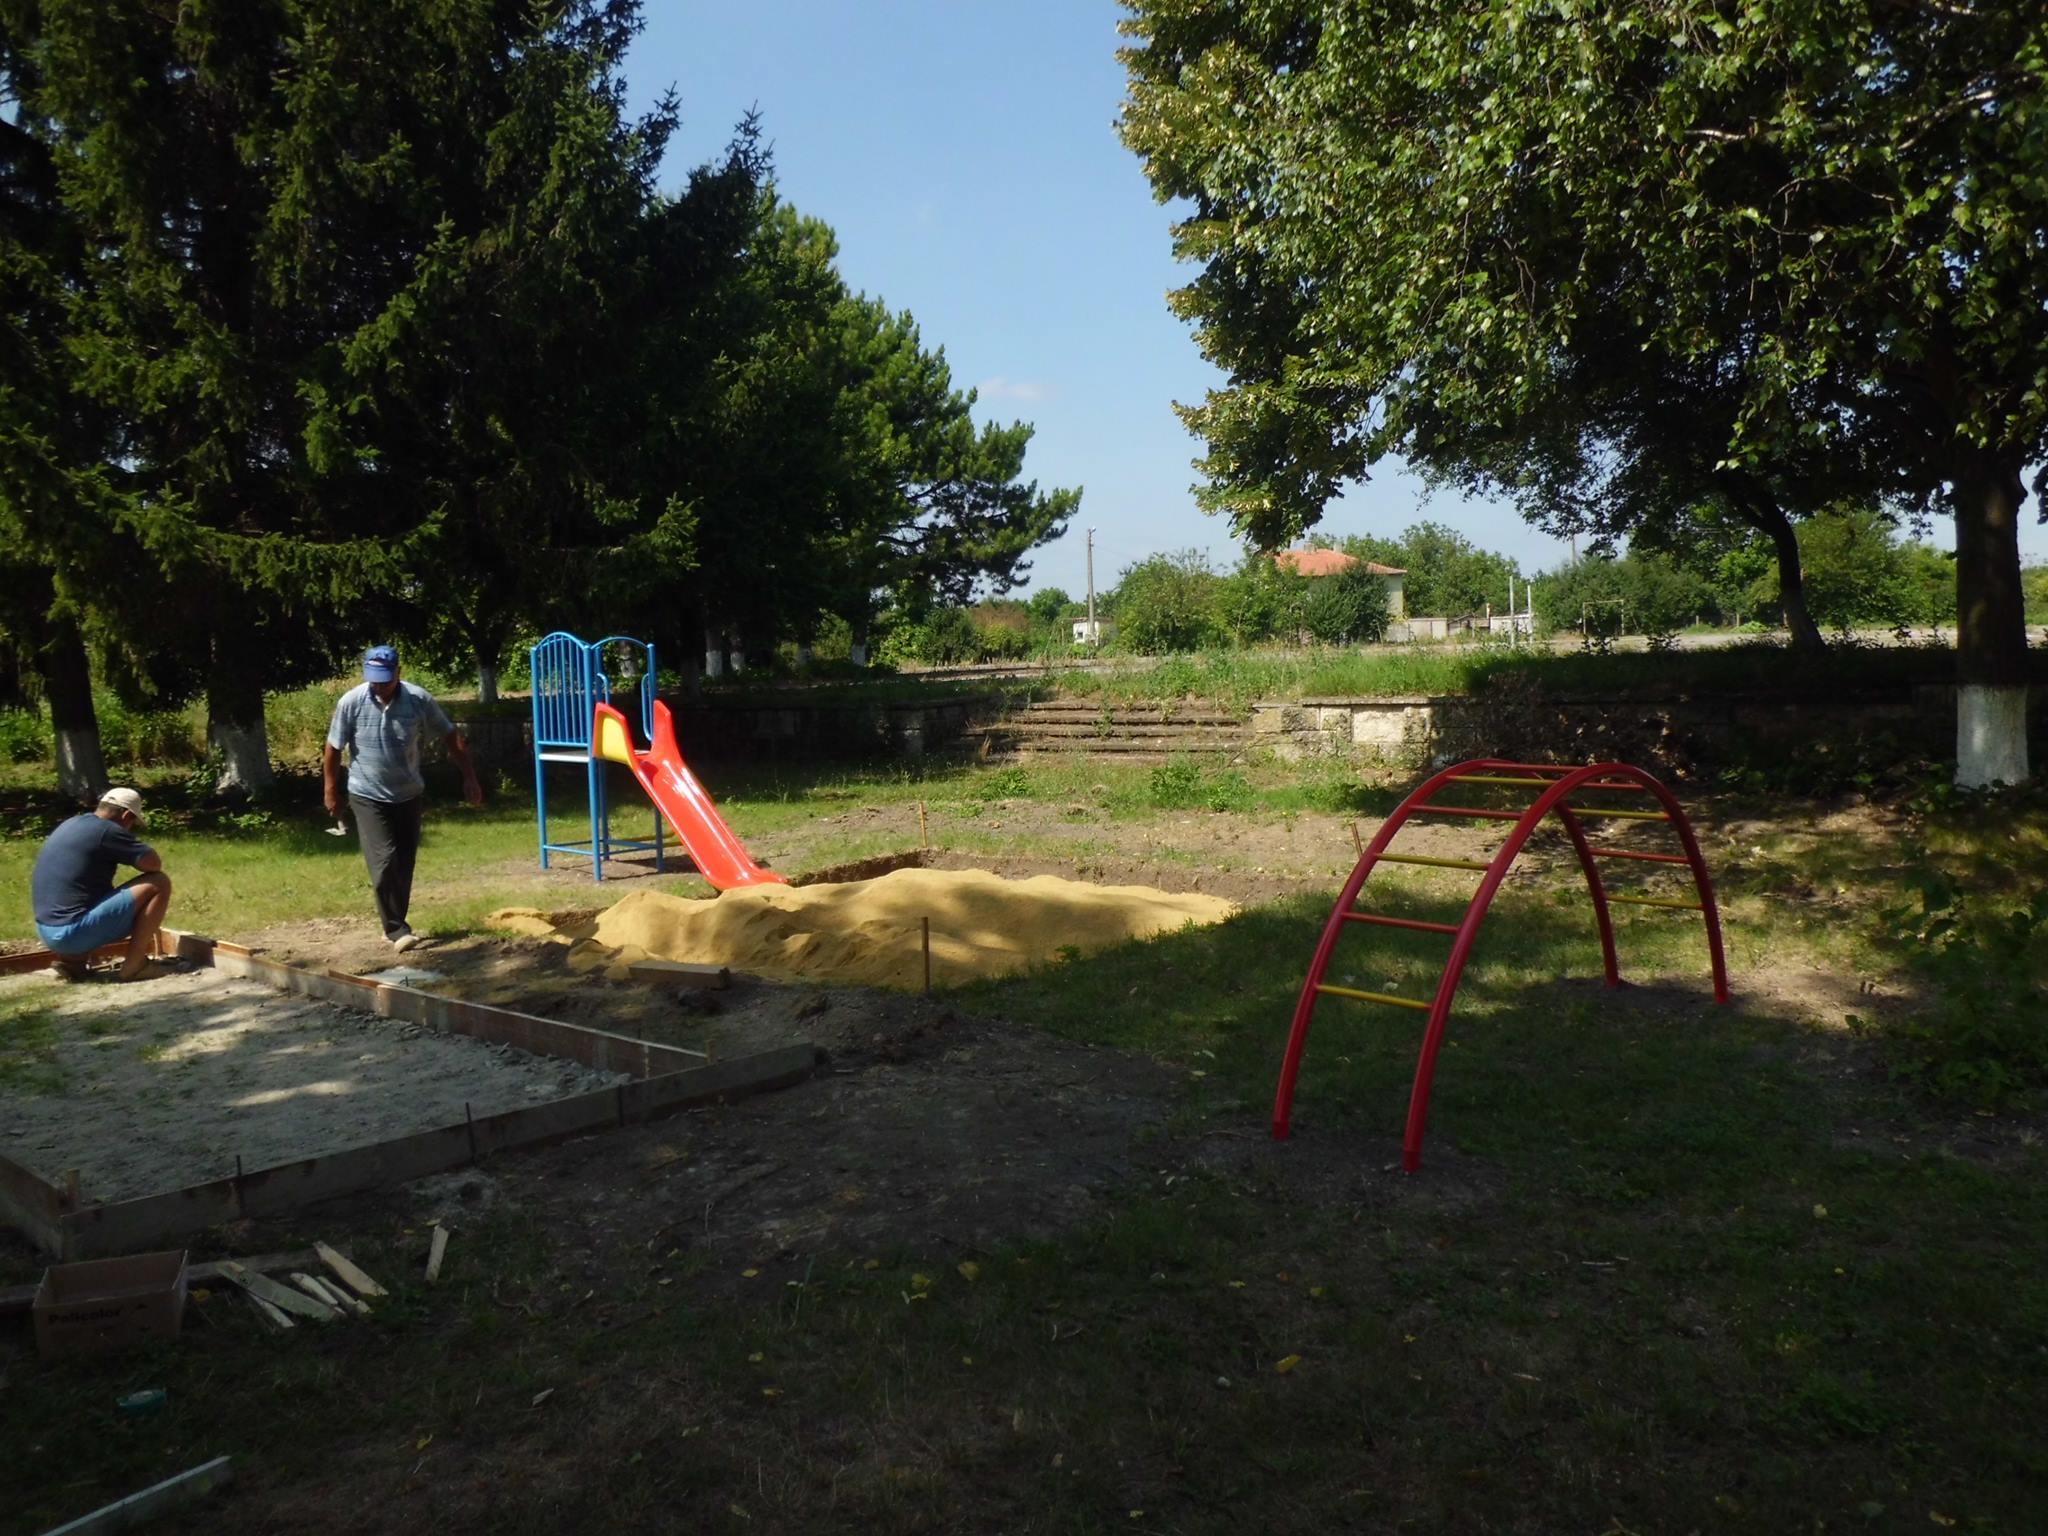 Създаване на детска площадка picture